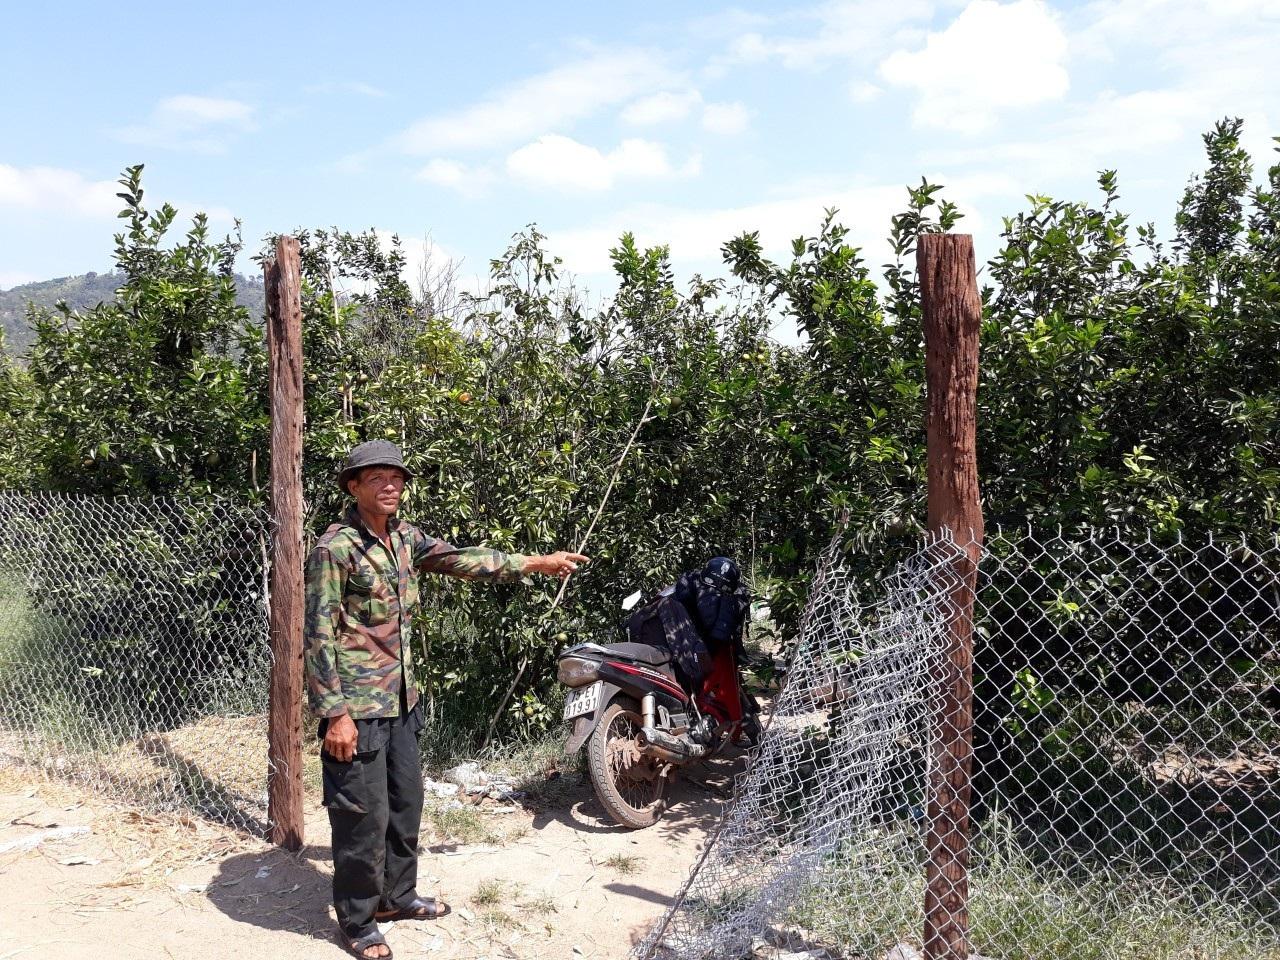 Đi lên từ vùng đất chết, lão nông thu hàng trăm triệu đồng từ cam sành - Ảnh 4.